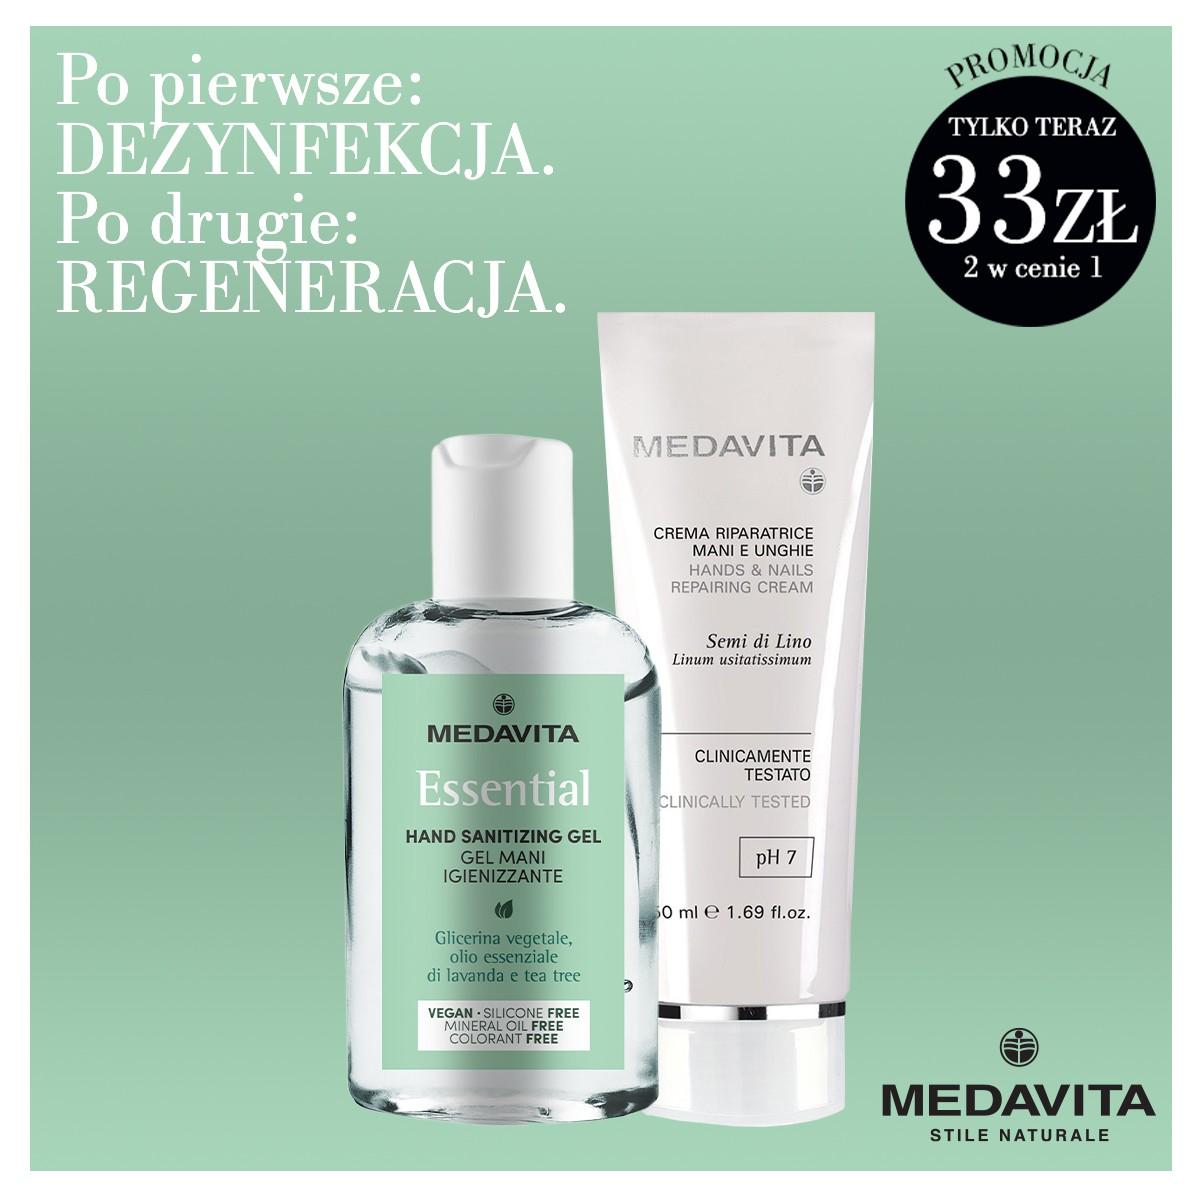 Antywirusowy żel antybakteryjny do rąk 60% alkoholu + Krem do rąk - MEDAVITA (pakiet)